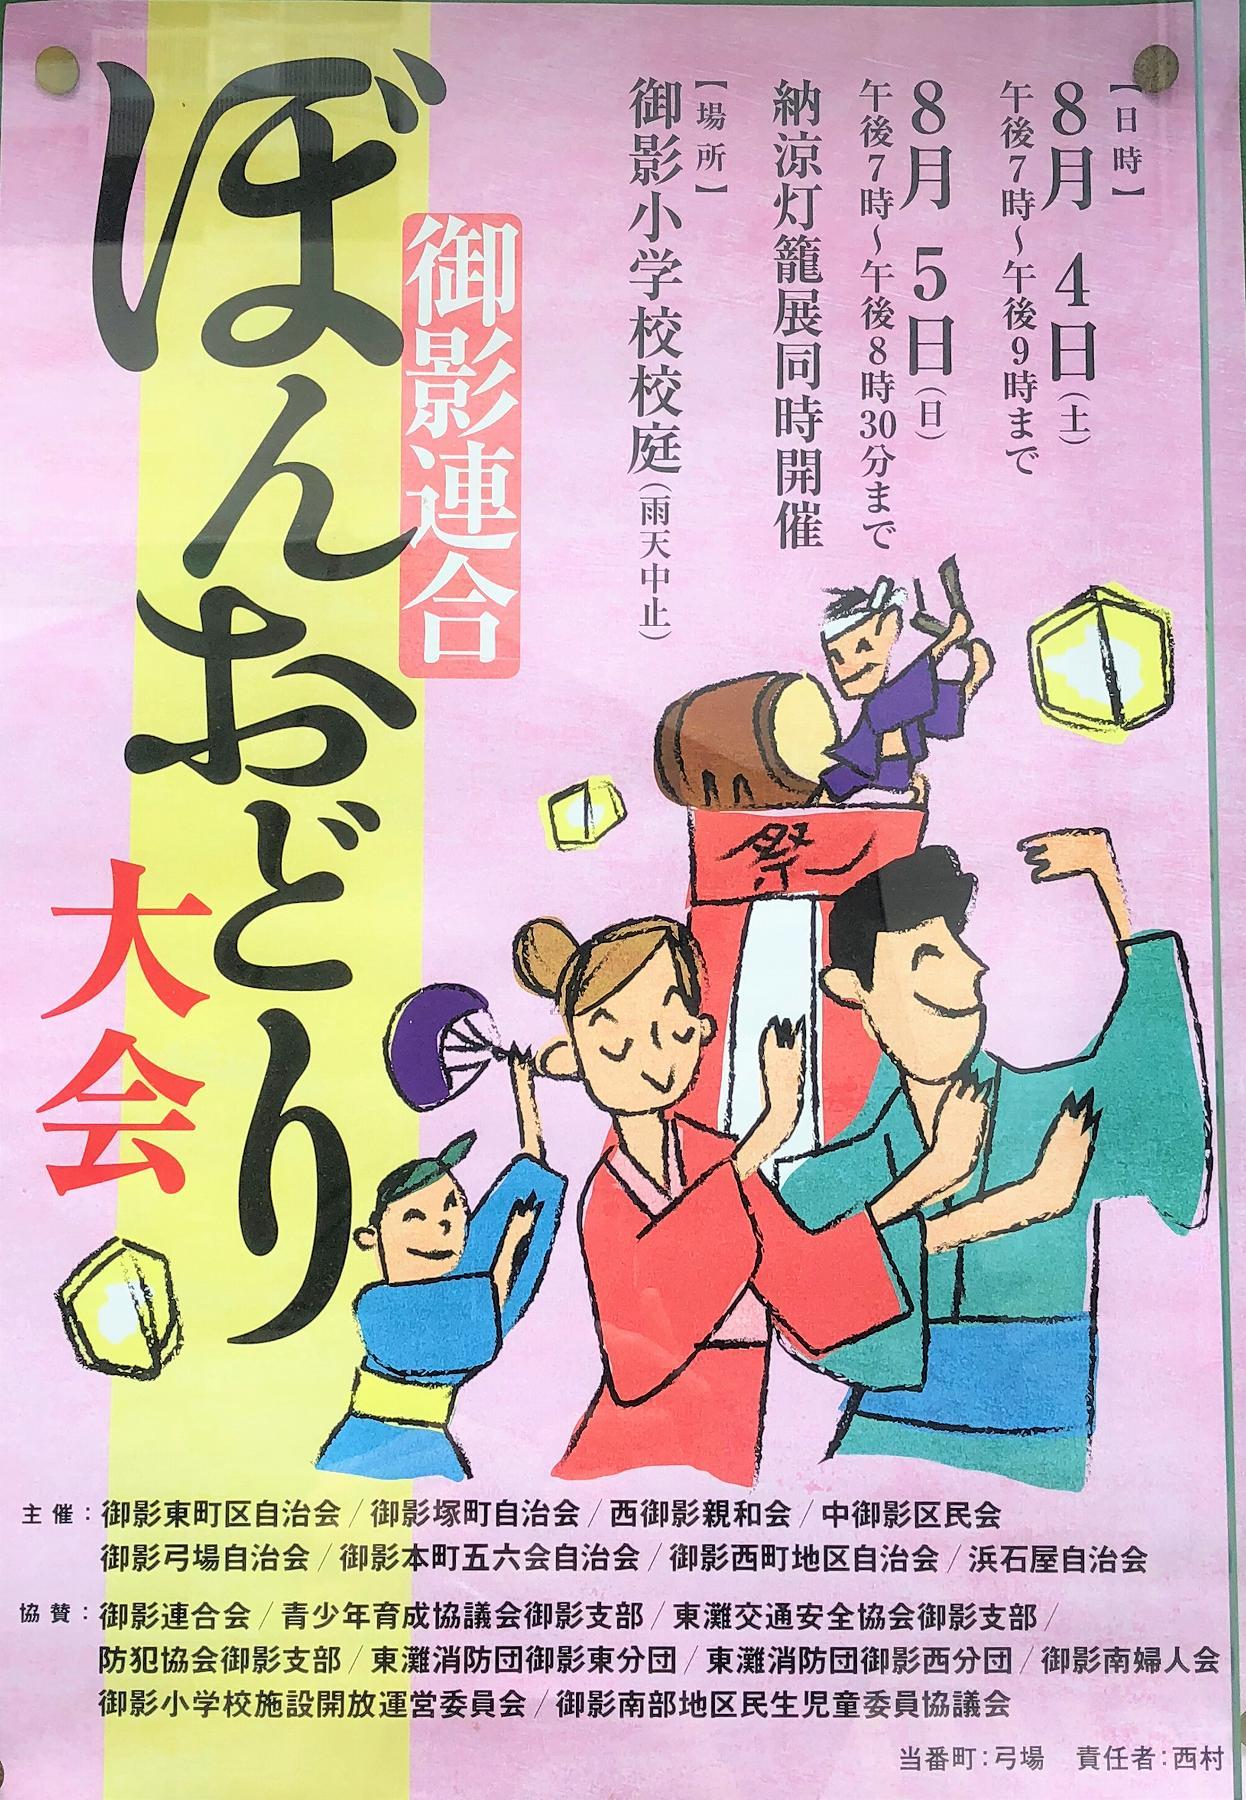 神戸市立御影小学校の校庭で8/4&8/5「御影連合 ぼんおどり大会」が開催されるよ! #神戸市立御影小学校 #夏まつり #盆踊り #御影連合